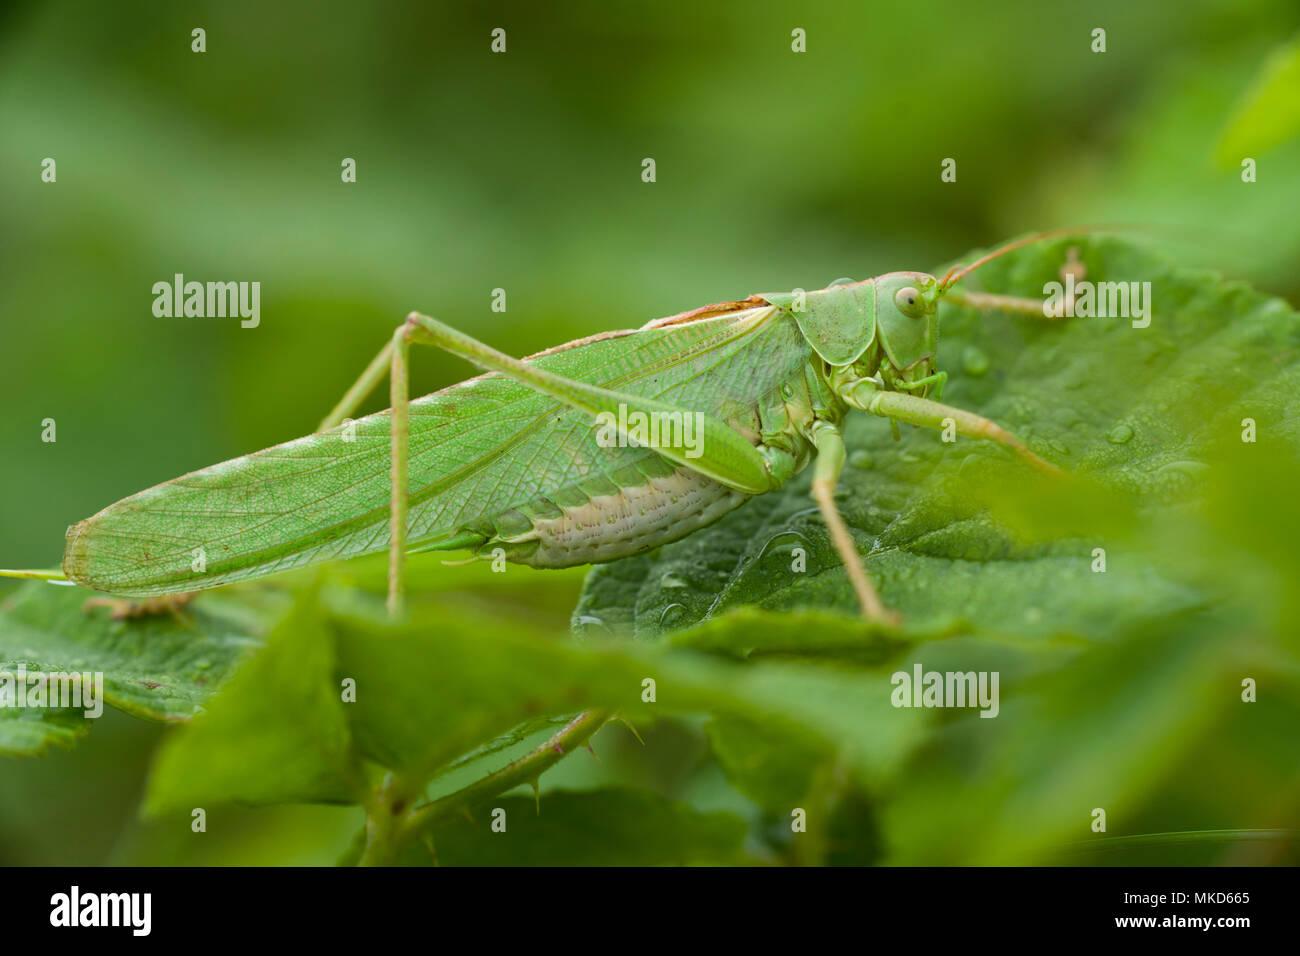 Super Green Bush - Kricket weiblich (Tettigonia Viridissima) auf einem Blatt von Brombeere (Rubus fructicosus), Entre-deux-Mers, Gironde, Aquitaine, Frankreich. Stockfoto